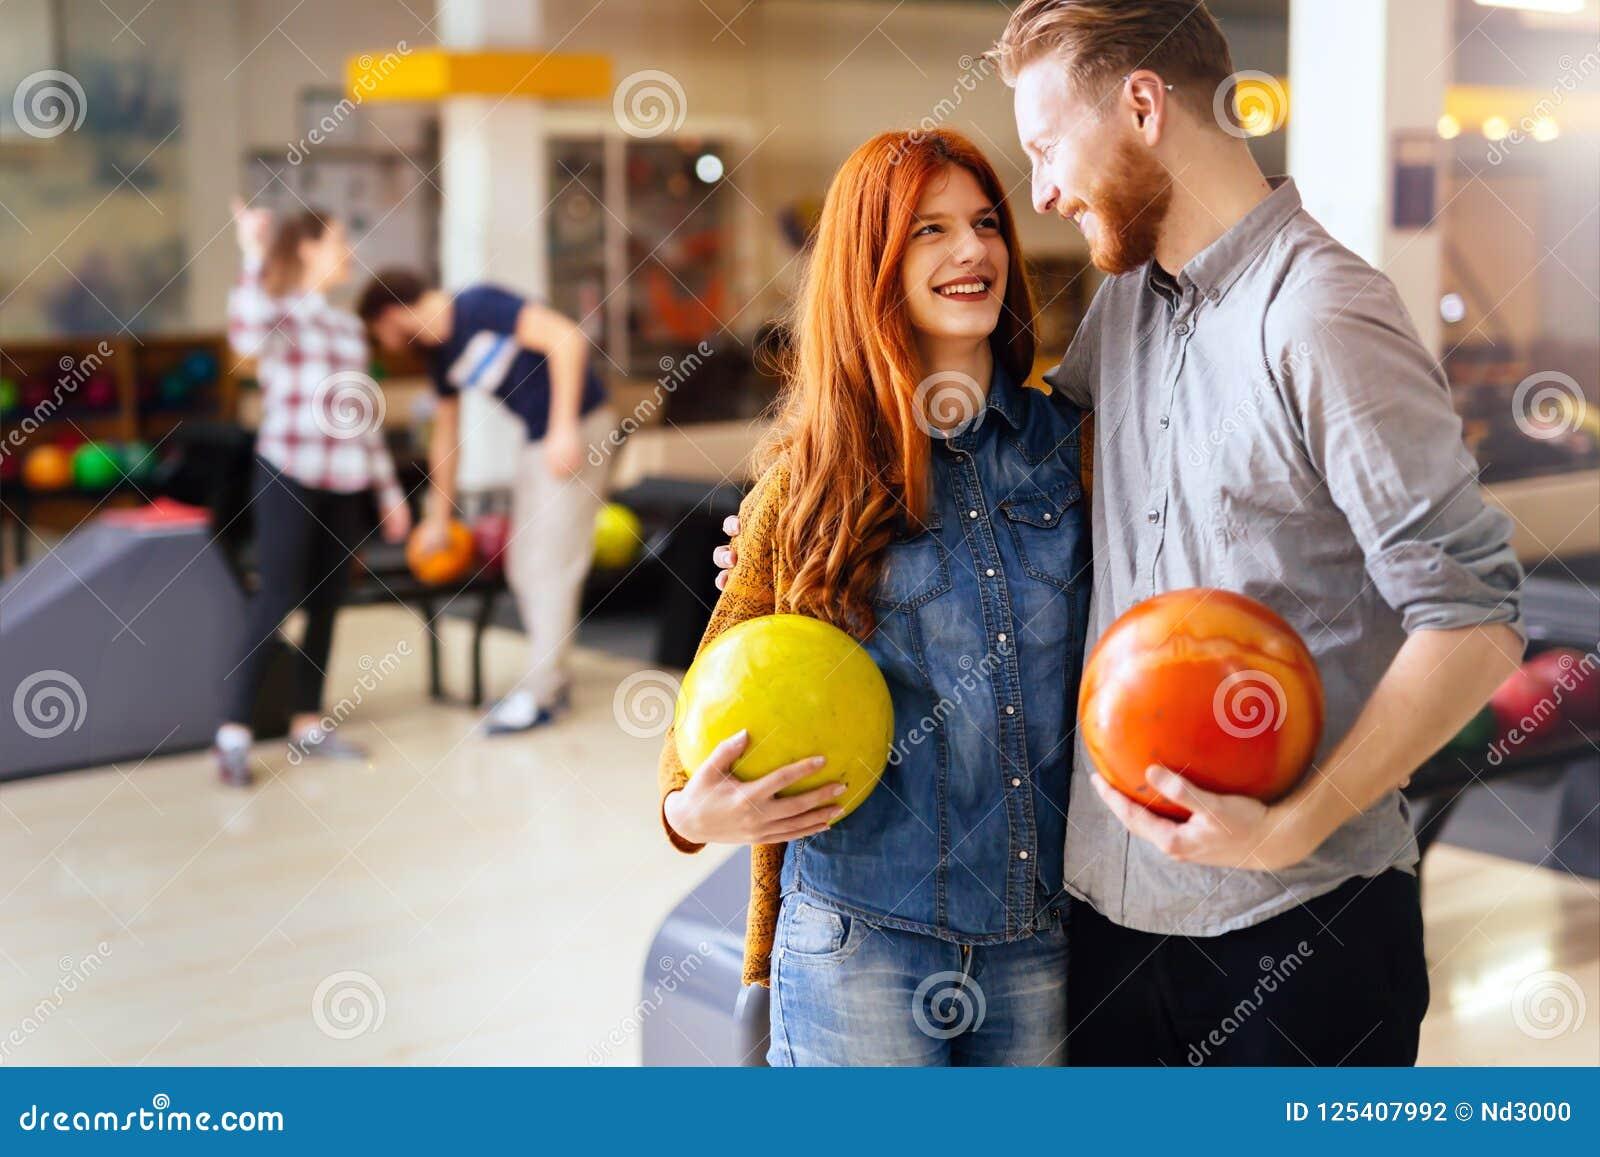 Voordelen van online dating